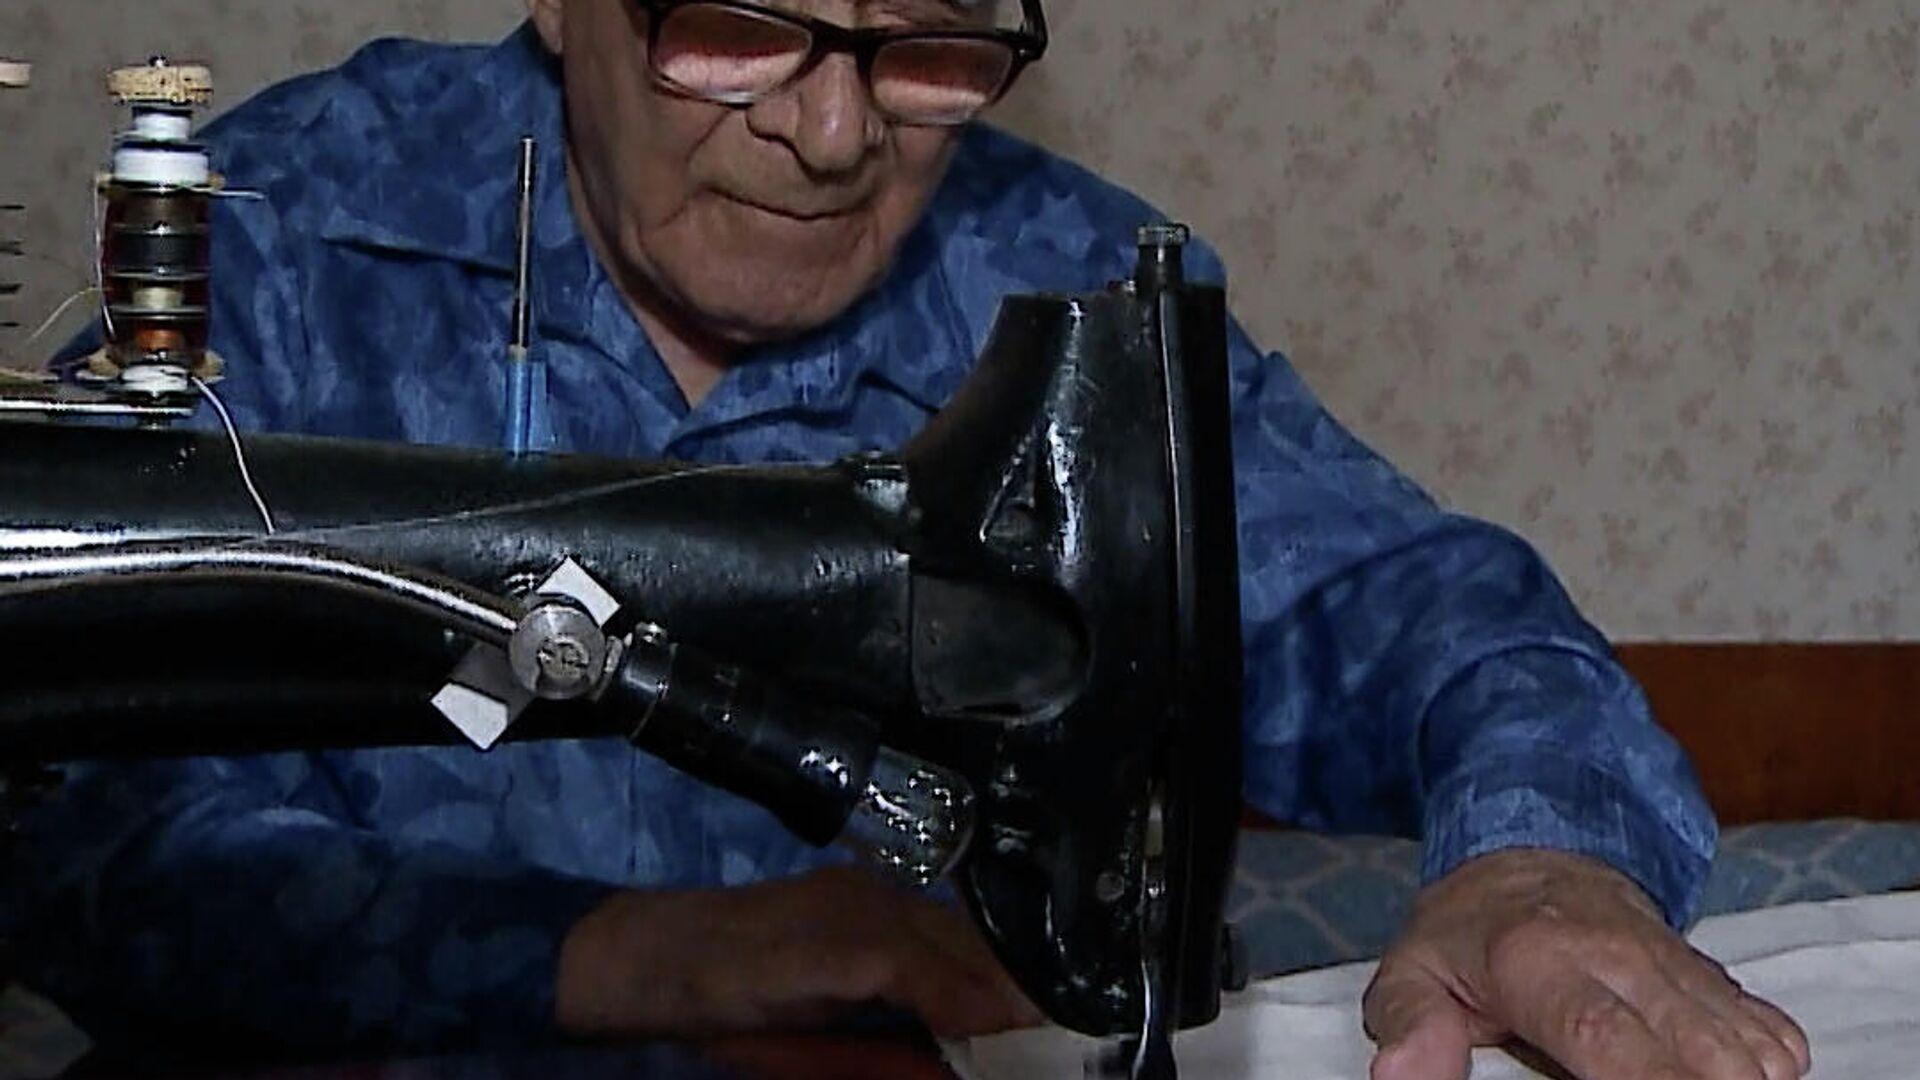 Βετεράνος του Β' Παγκοσμίου Πολέμου ράβει τσάντες για καλό σκοπό - Sputnik Ελλάδα, 1920, 01.10.2021